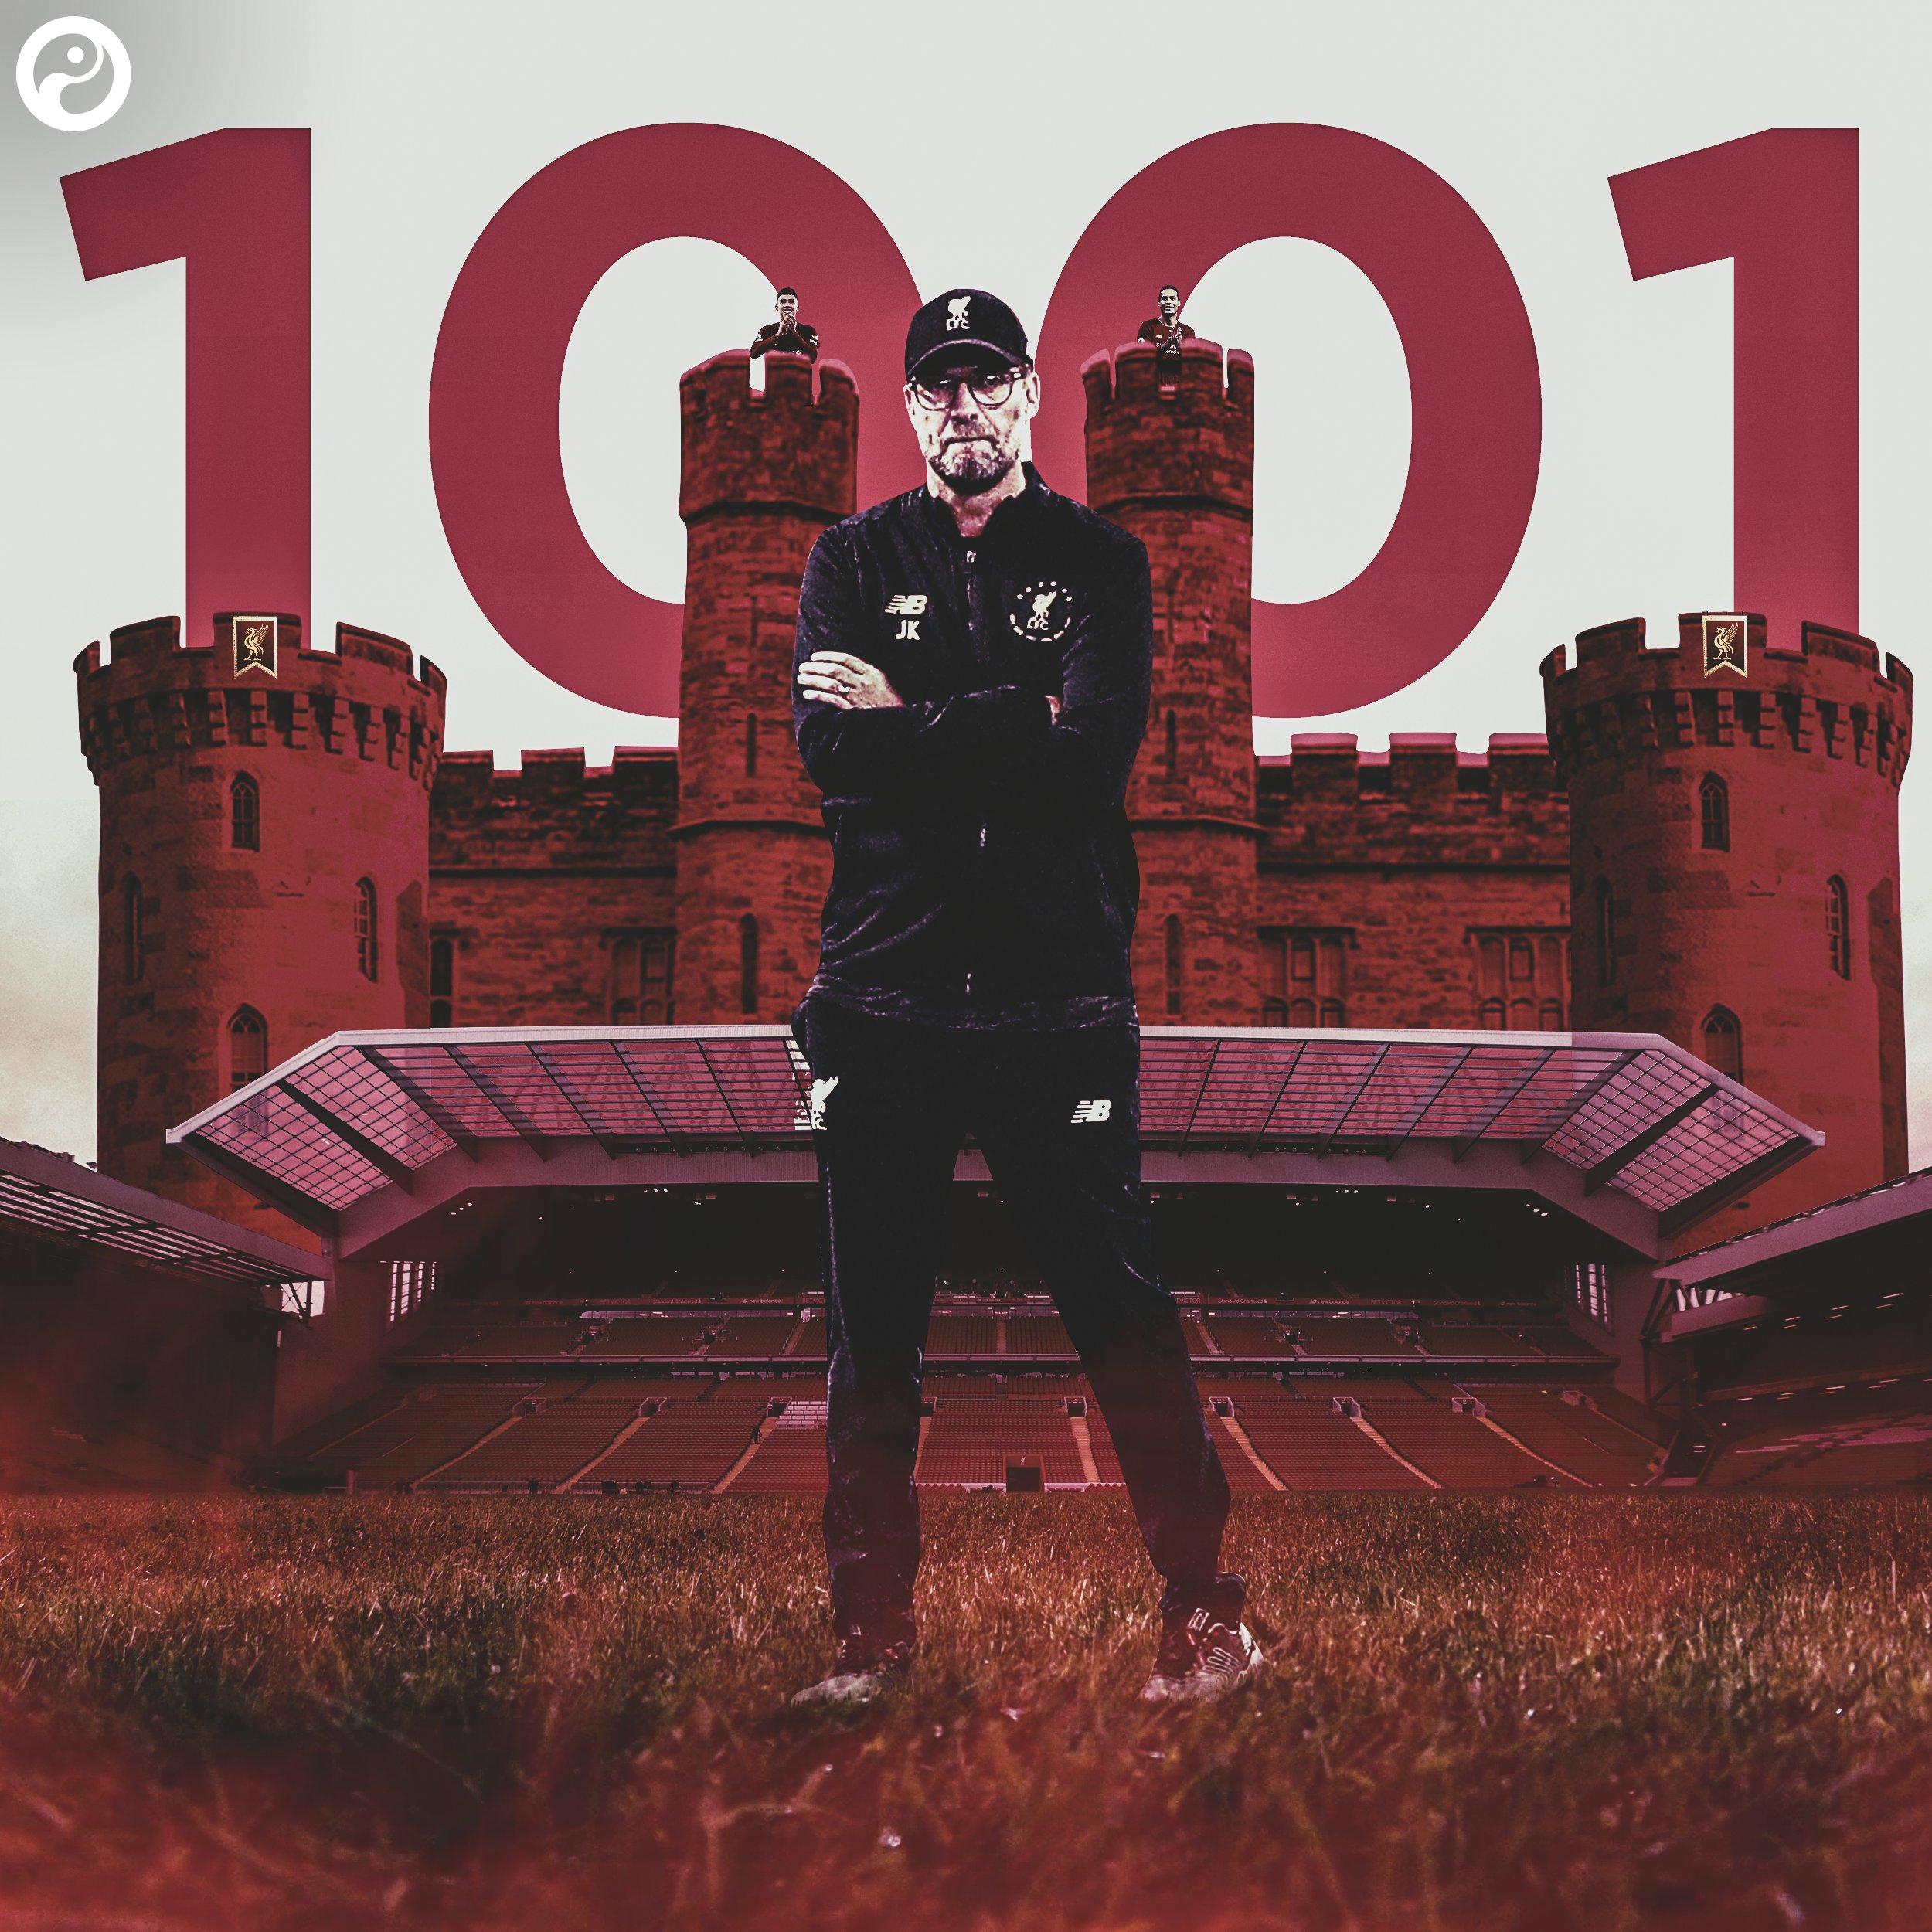 Ливерпуль не знает поражений в АПЛ на Энфилде уже 1001 день - изображение 1